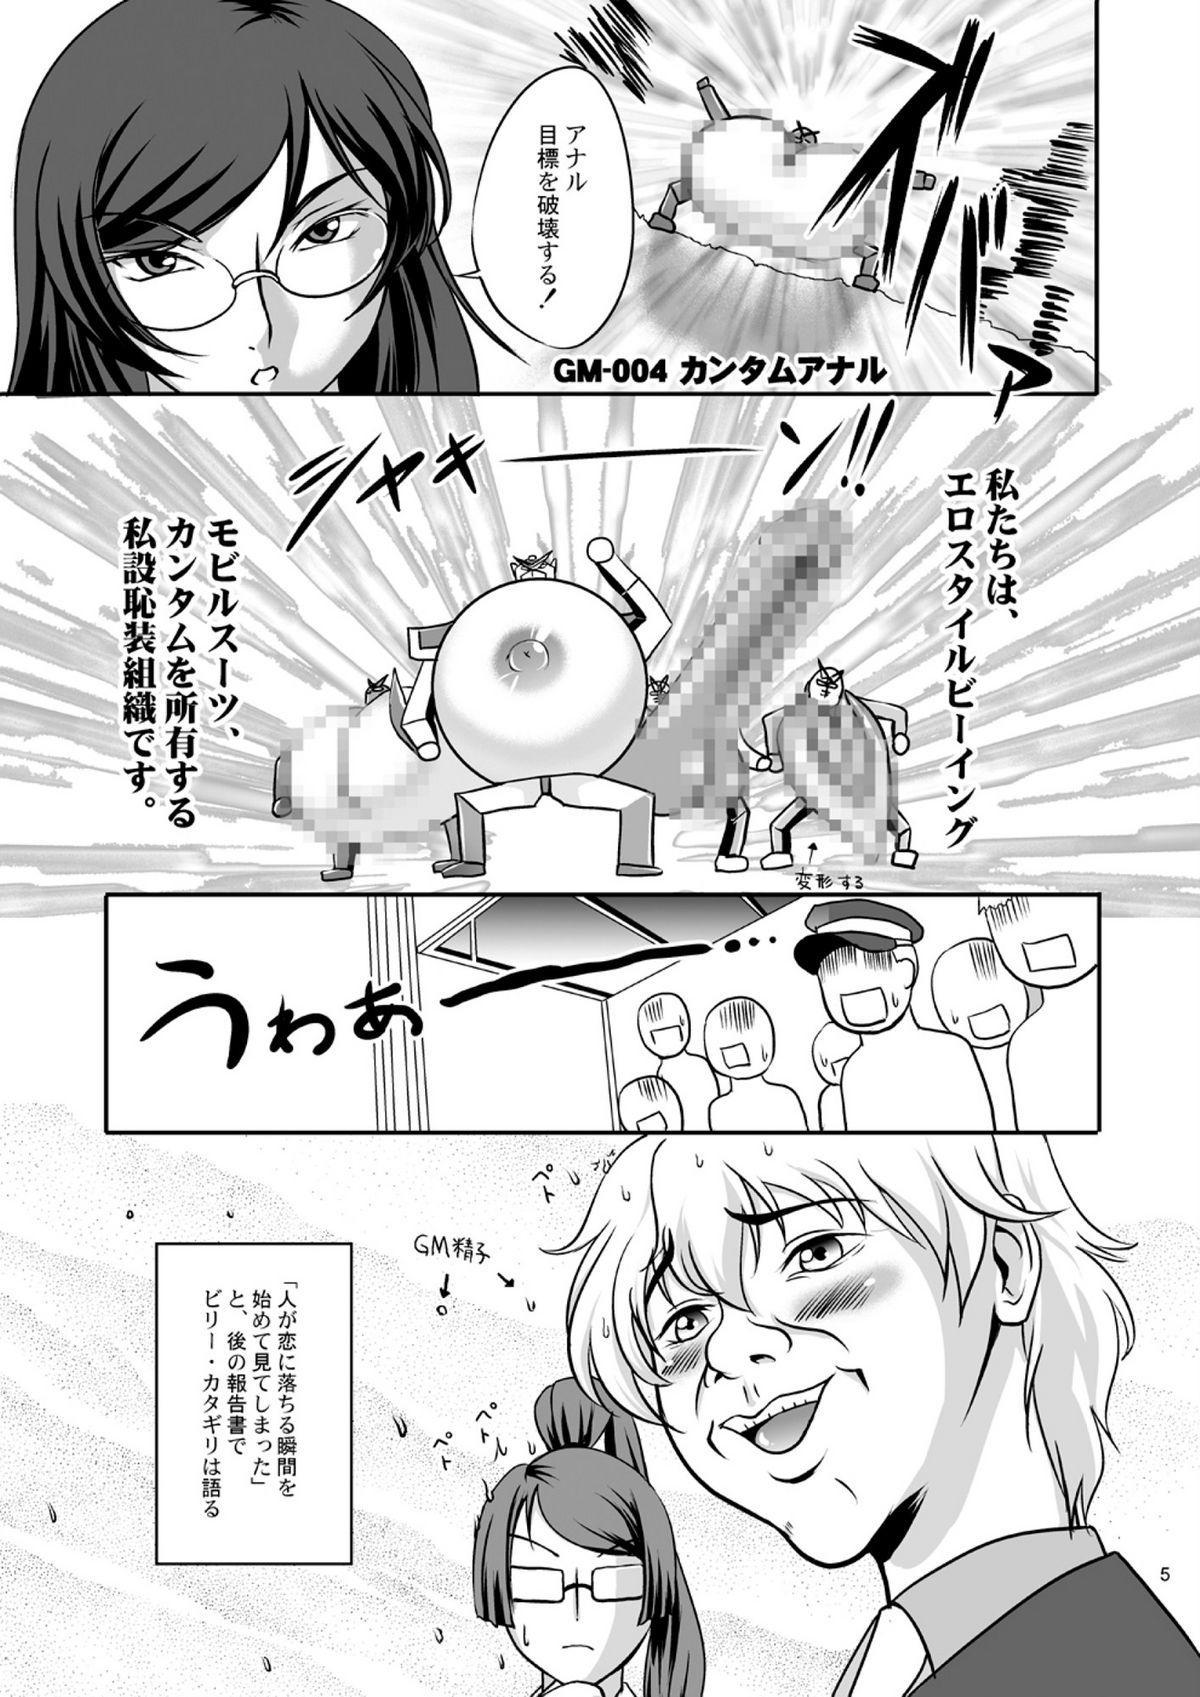 Nyuudou Shinshi Gundam Double Oppai DL han 4